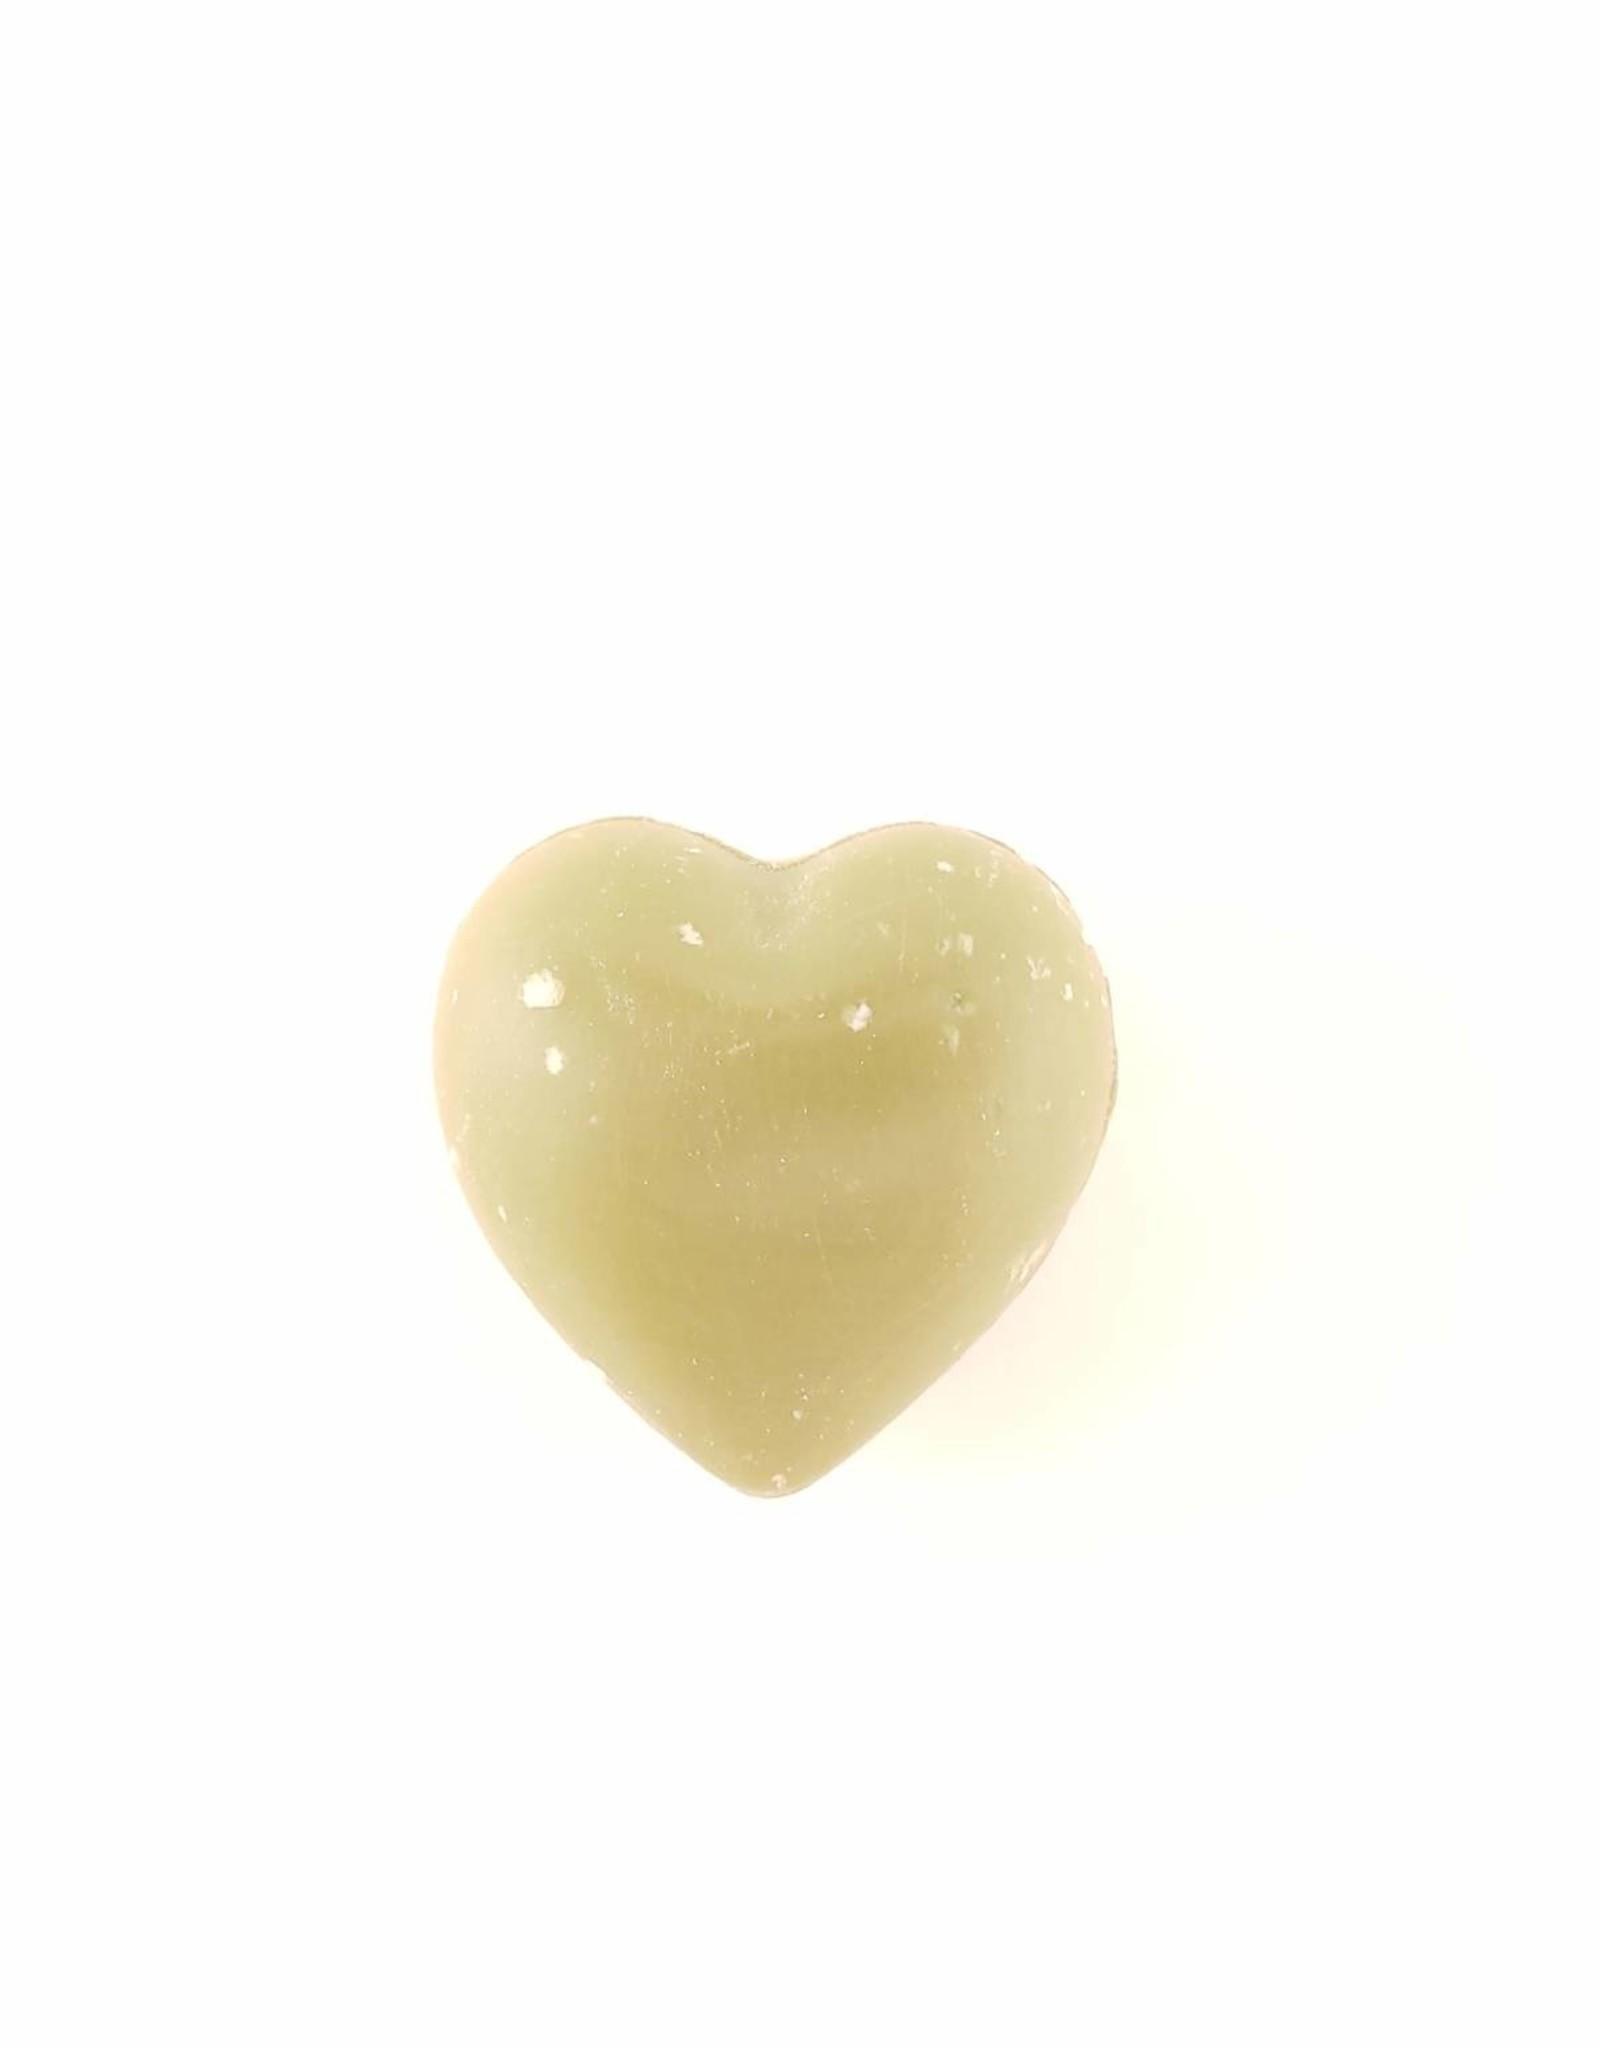 Verbena 25g Heart Soap